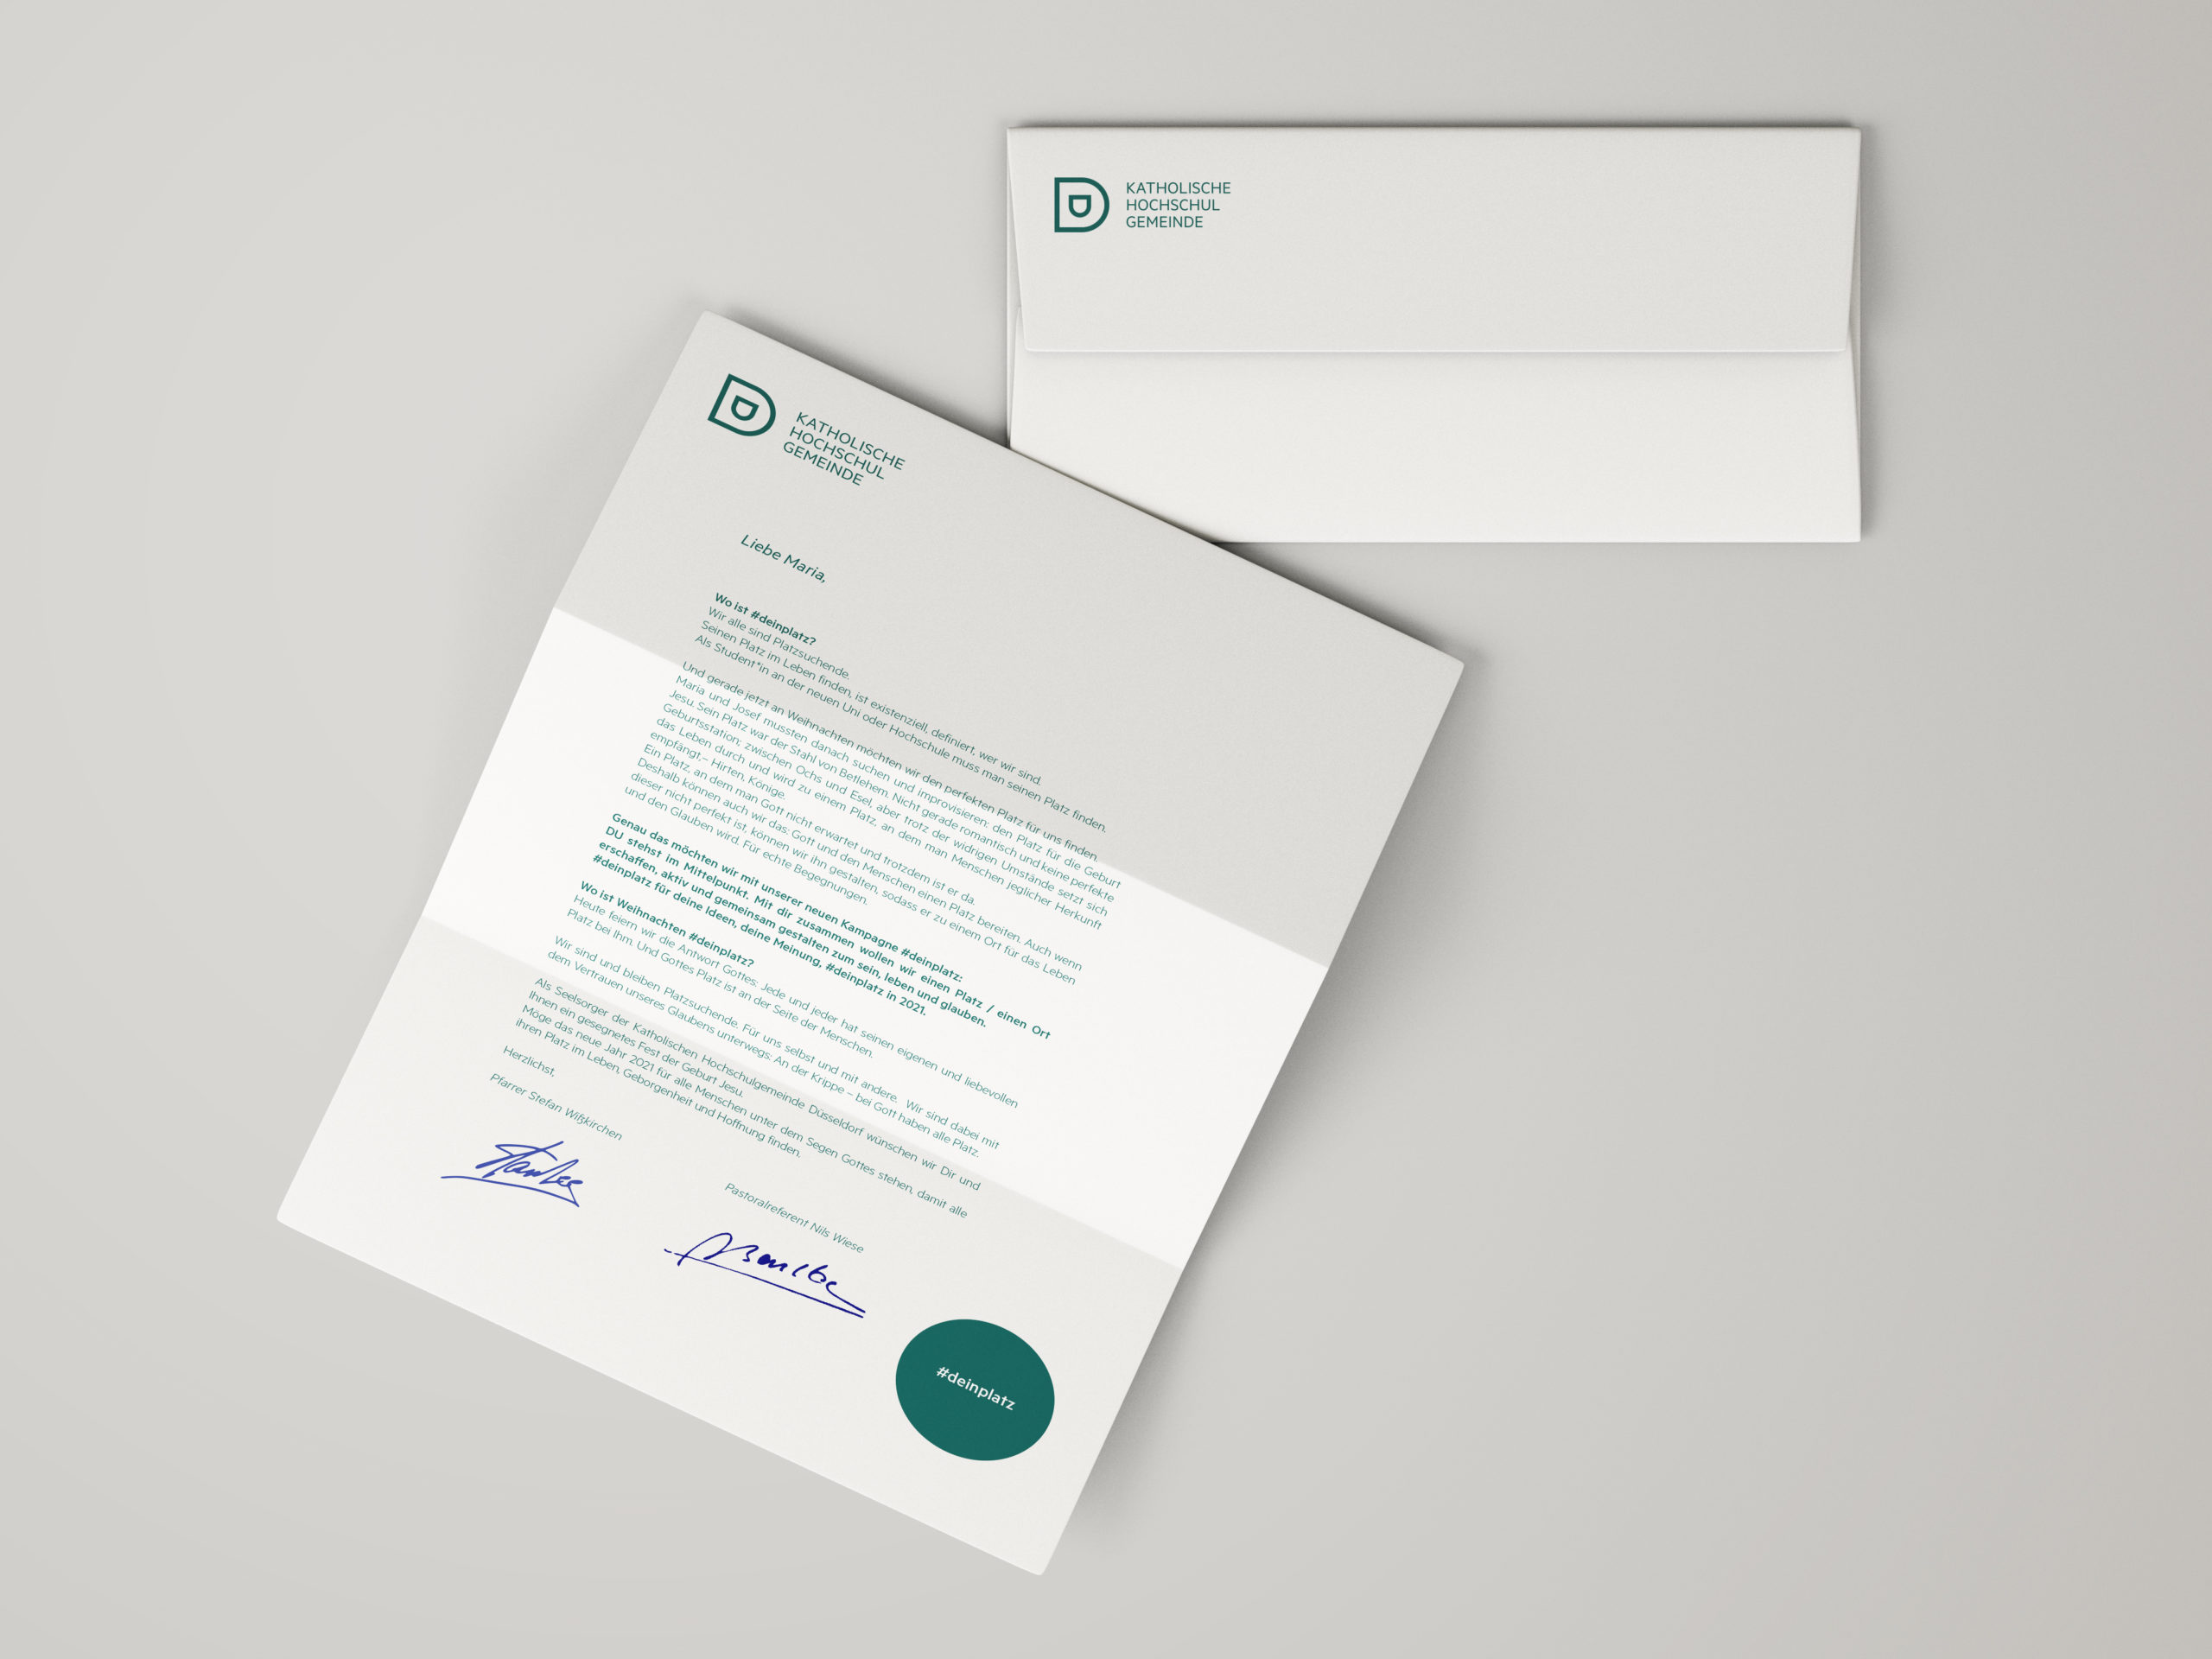 Katholische Hochschulgemeinde Düsseldorf Corporate Design Geschäftsausstattung Briefbogen und Briefumschlag